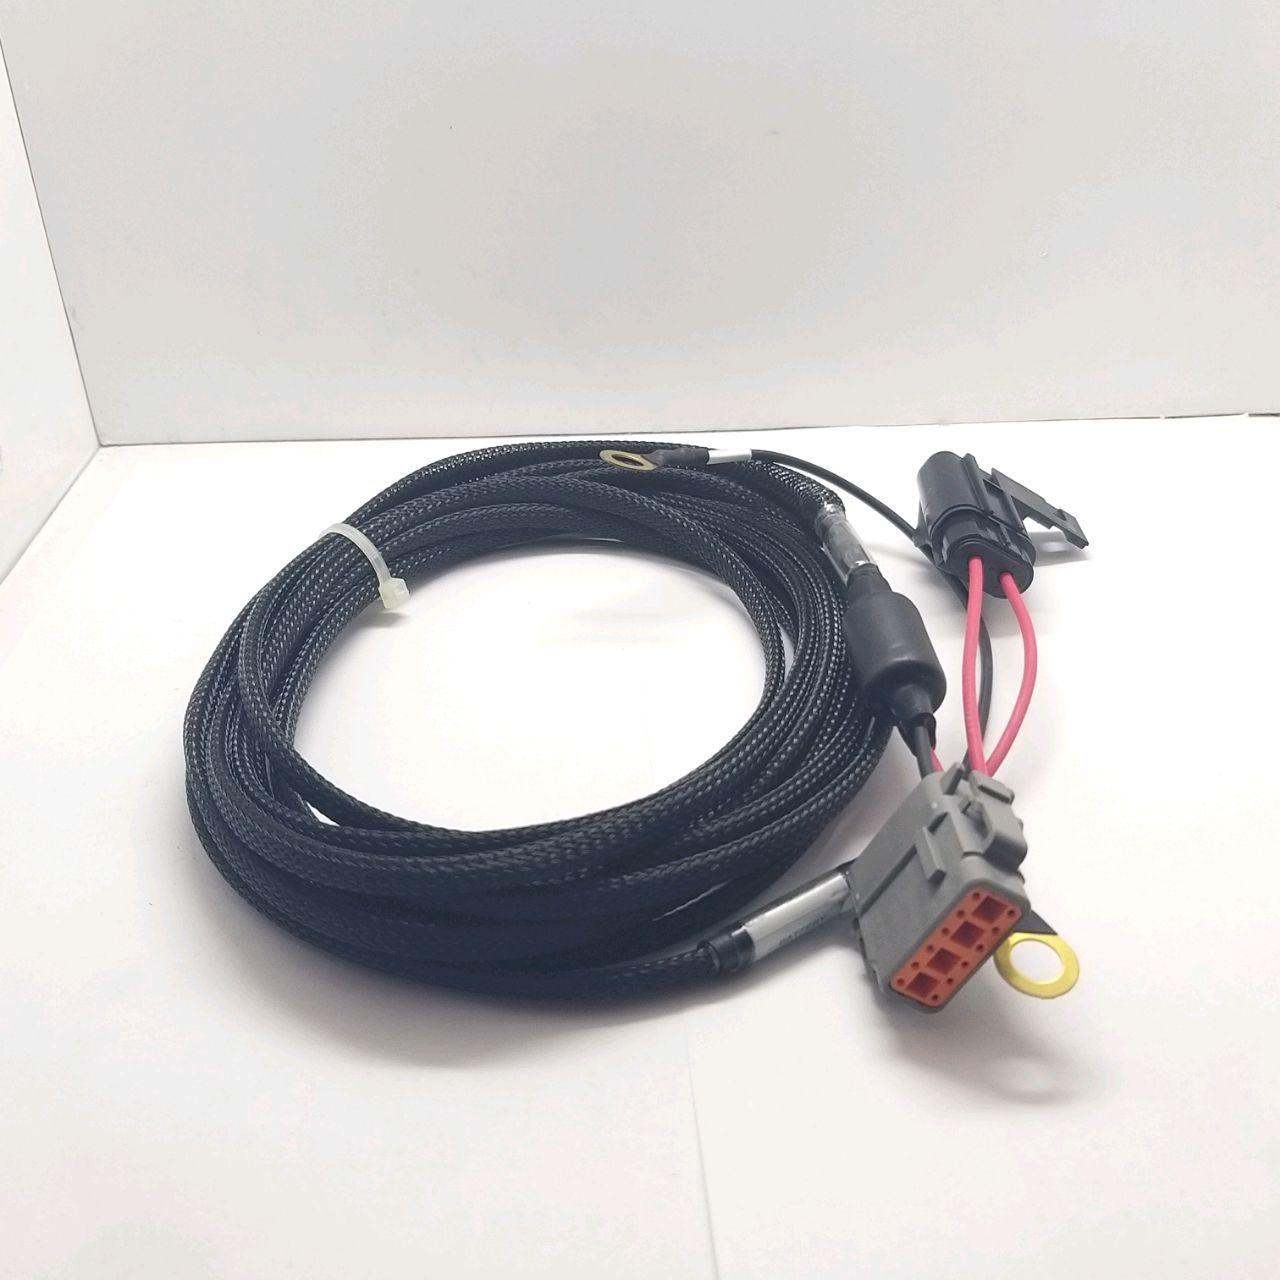 Cиловой кабель Ti5-5m